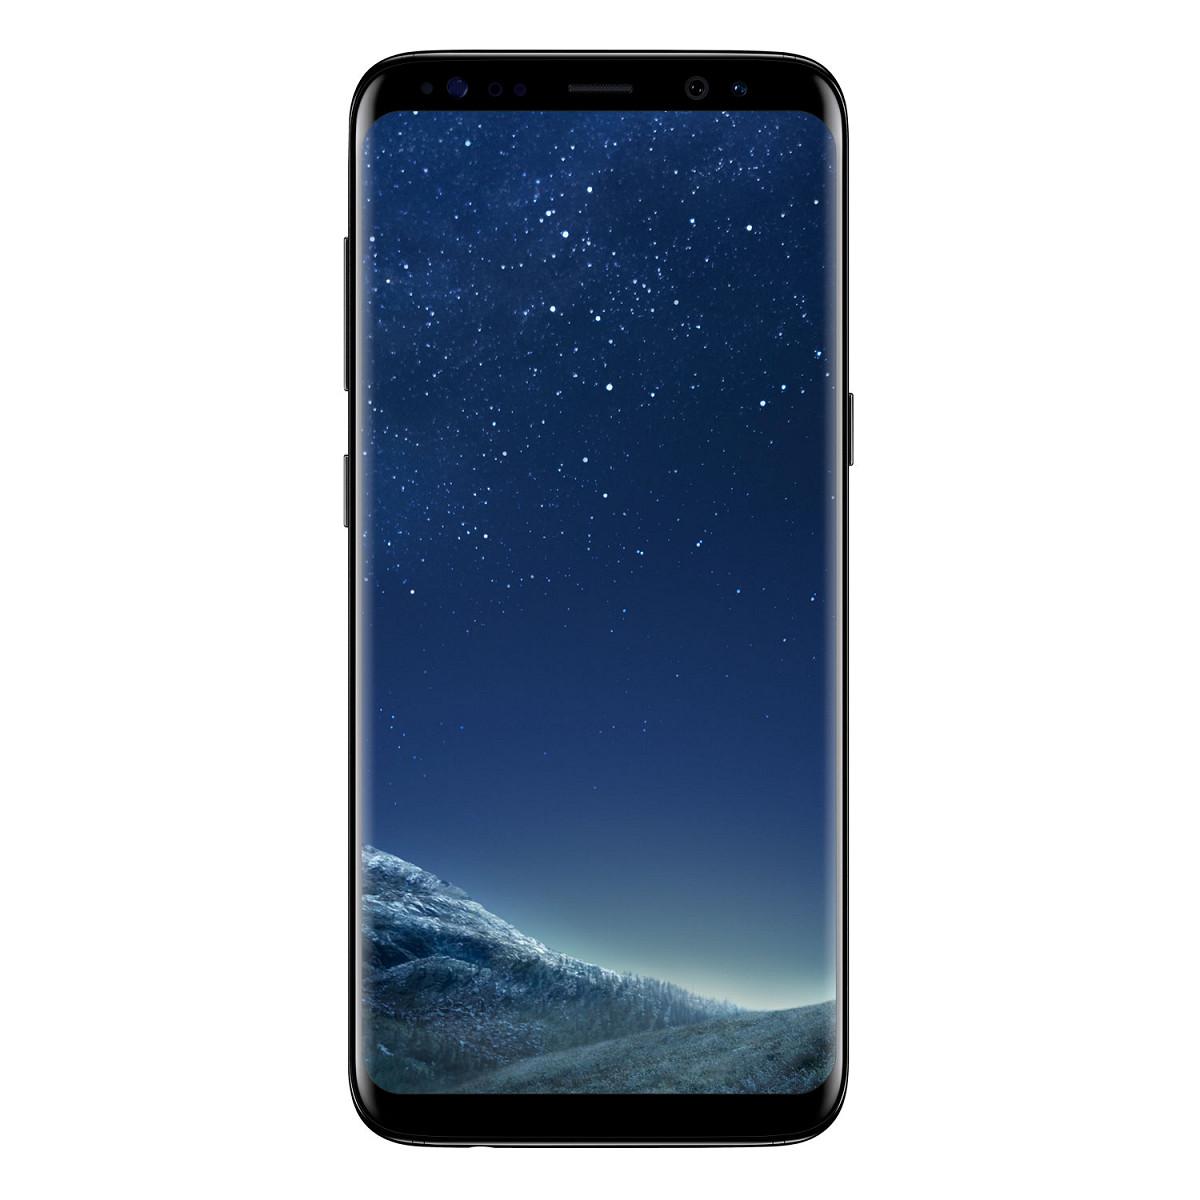 Điện Thoại Samsung Galaxy S8 - Hàng Chính Hãng giá chỉ 14.500.000Đ